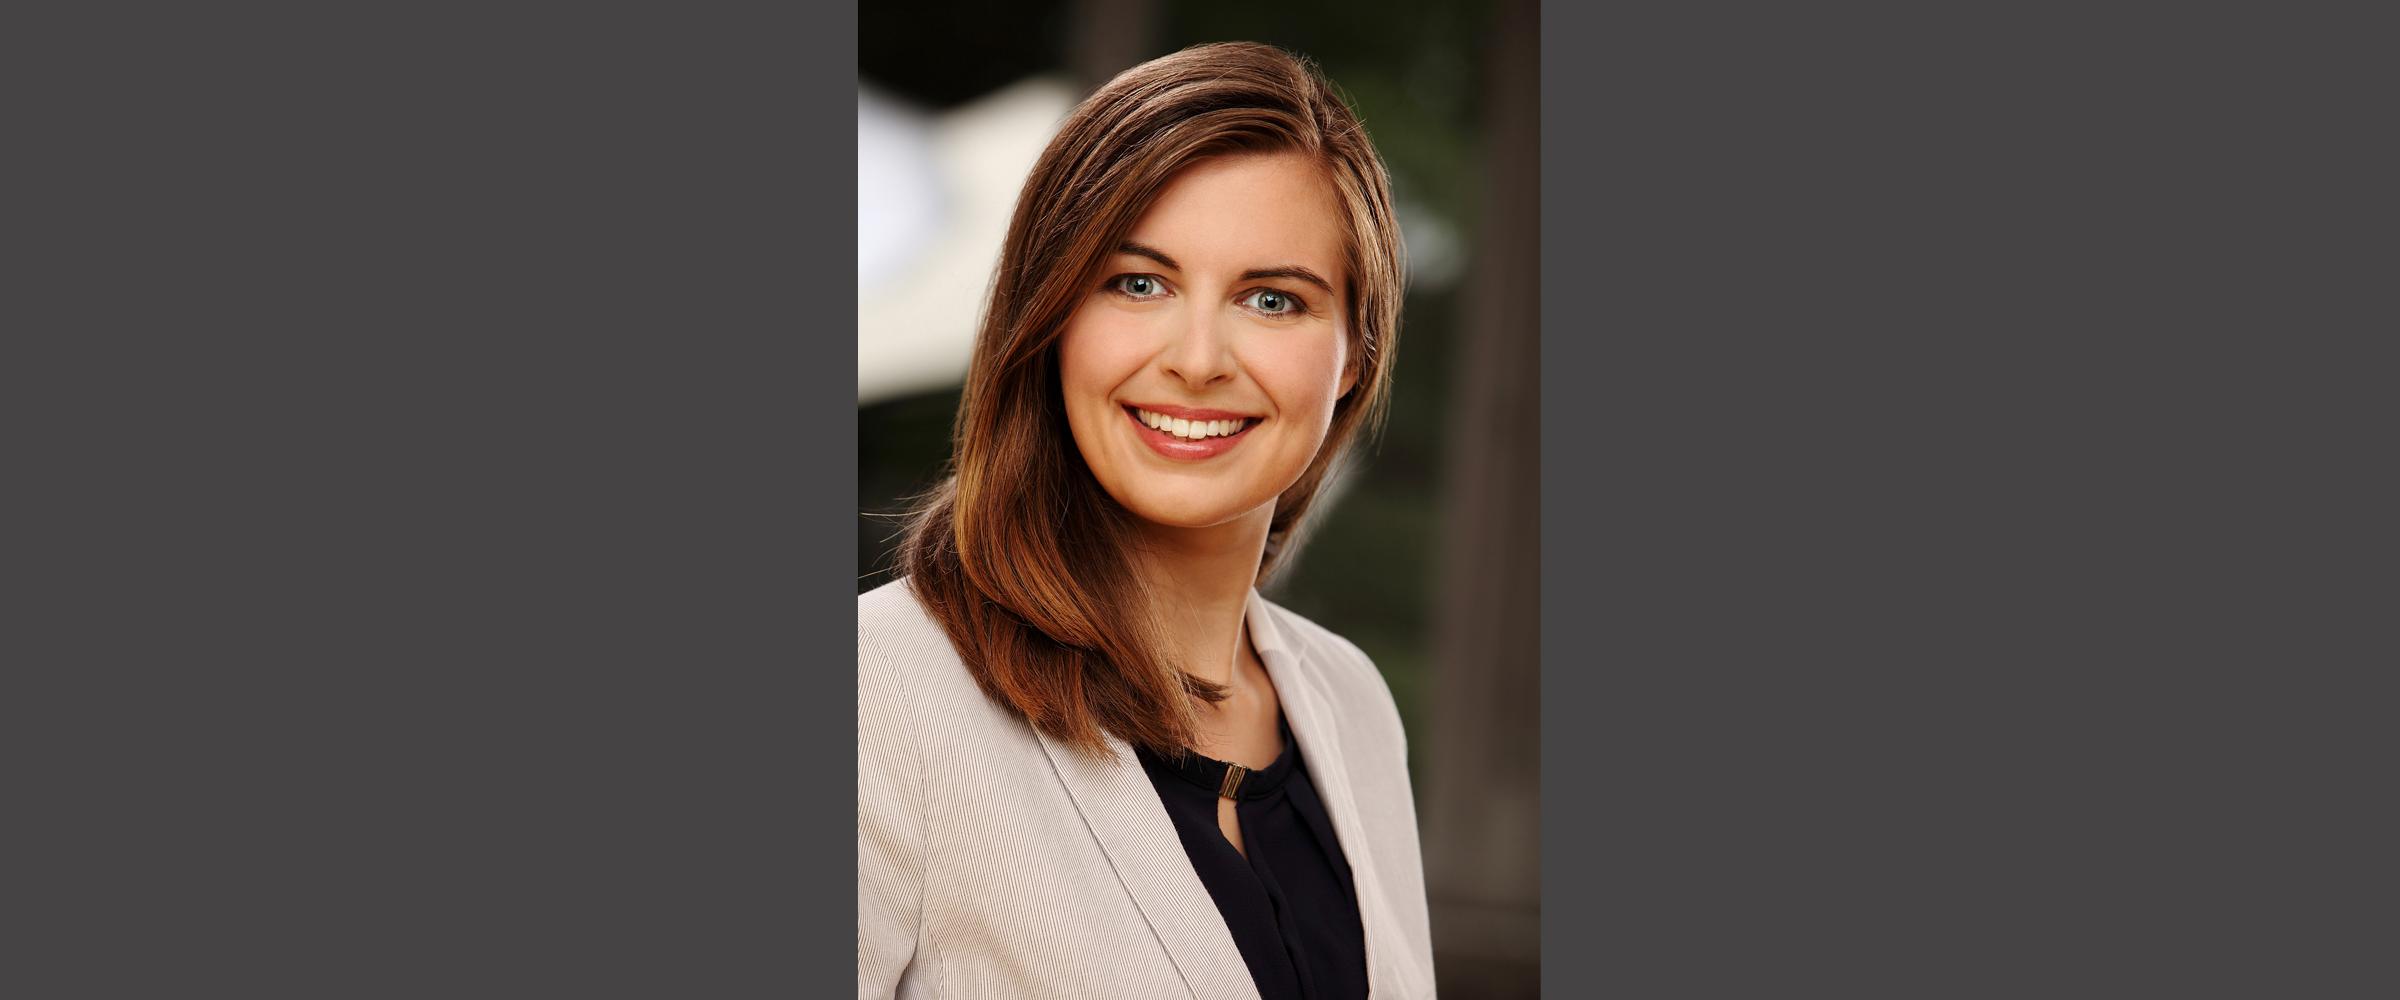 Bewerbungsfoto, Farbportrait einer Frau in hellem Jackett, mit freundlichem Gesichtsausdruck und einem strahlenden Lächeln.